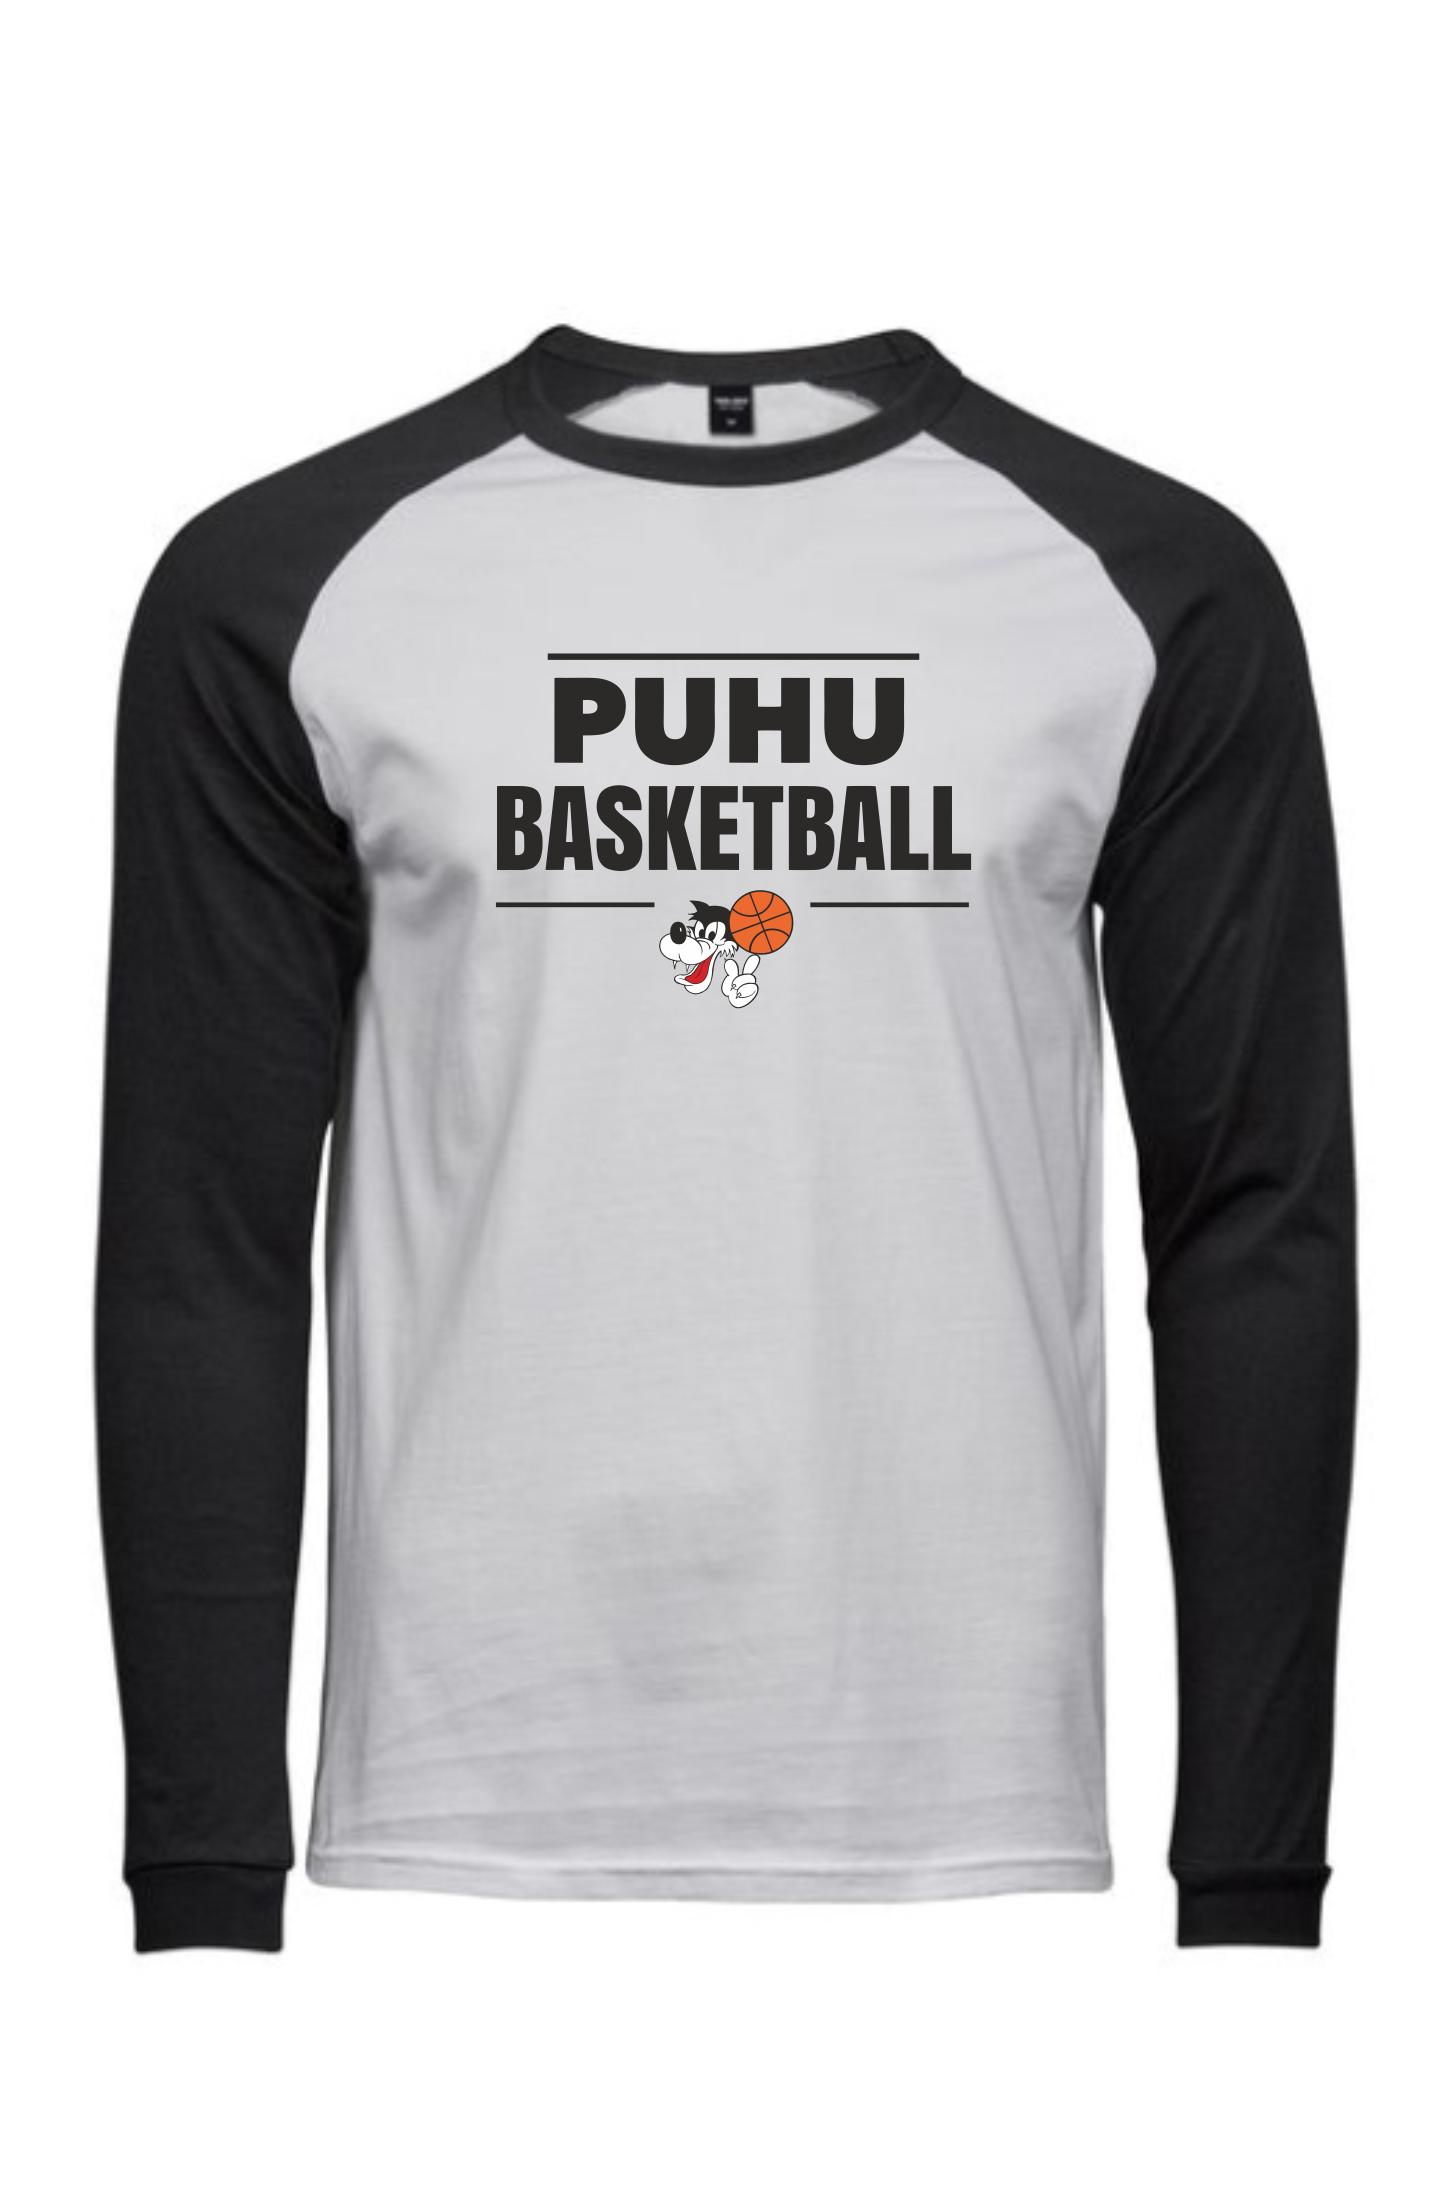 PuHu Pitkähihainen - 24,90 €